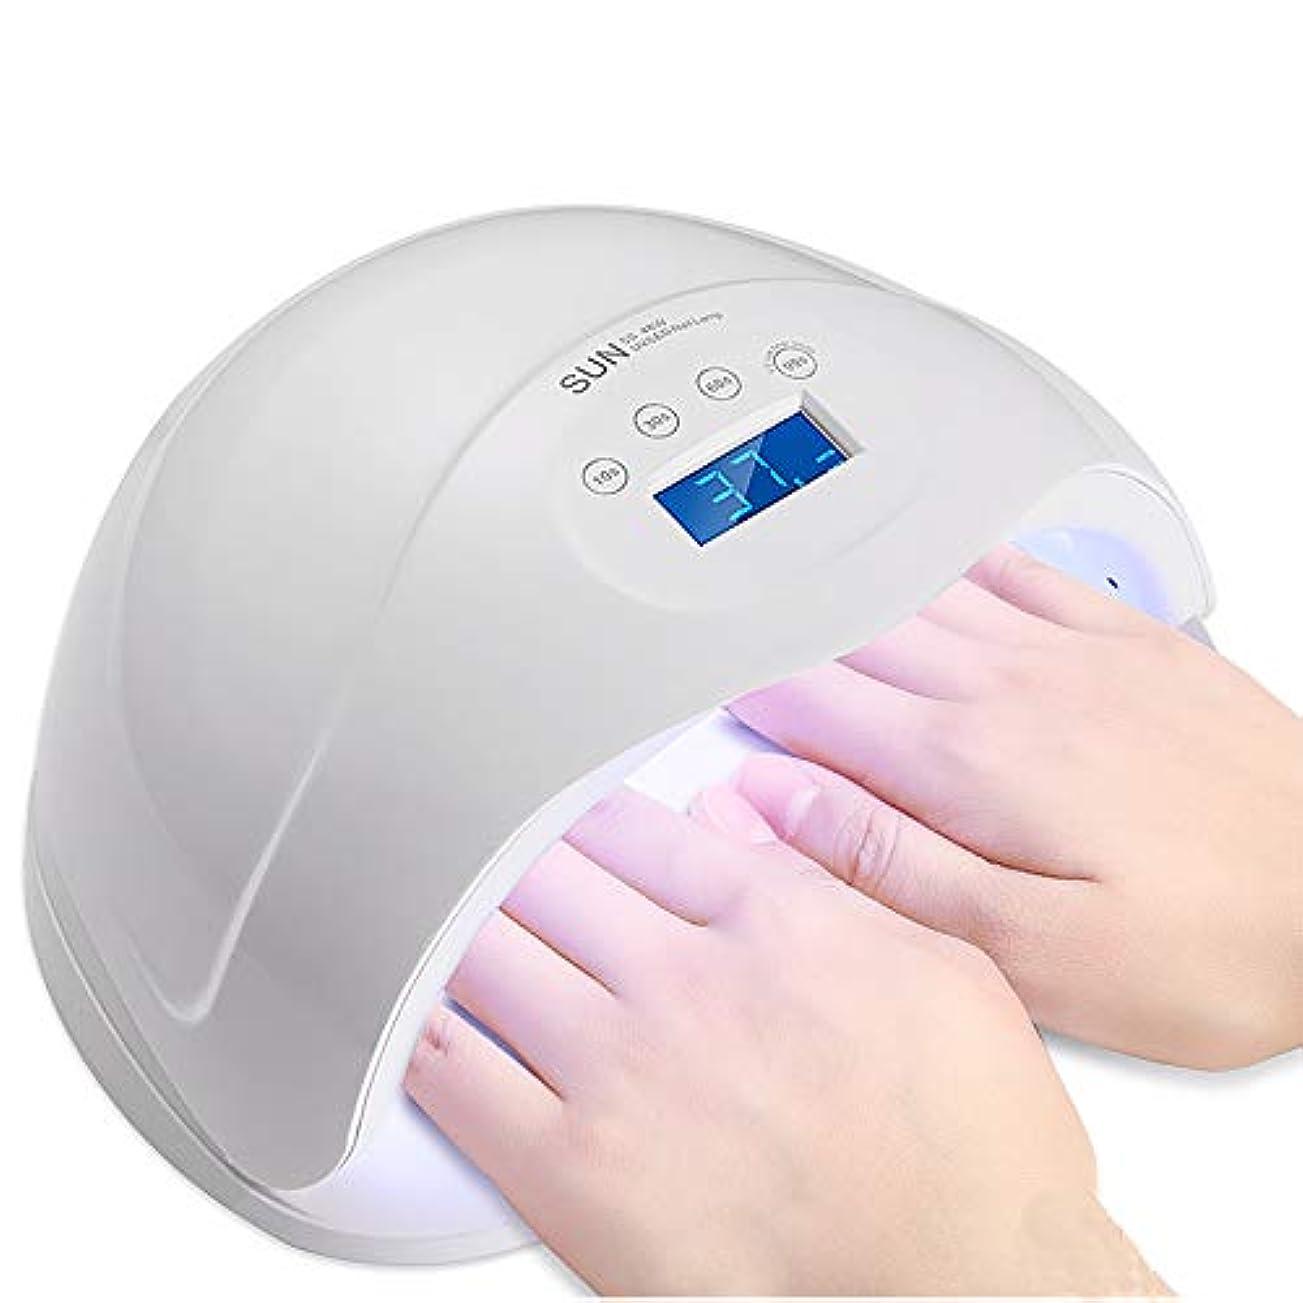 アラブサラボ凍結リール48W LCDディスプレイ付 LED+UV二重光源 ジェルネイル ネイルドライヤー ハイパワー 高速硬化 低ヒート機能 4段階タイマー (ホワイト)